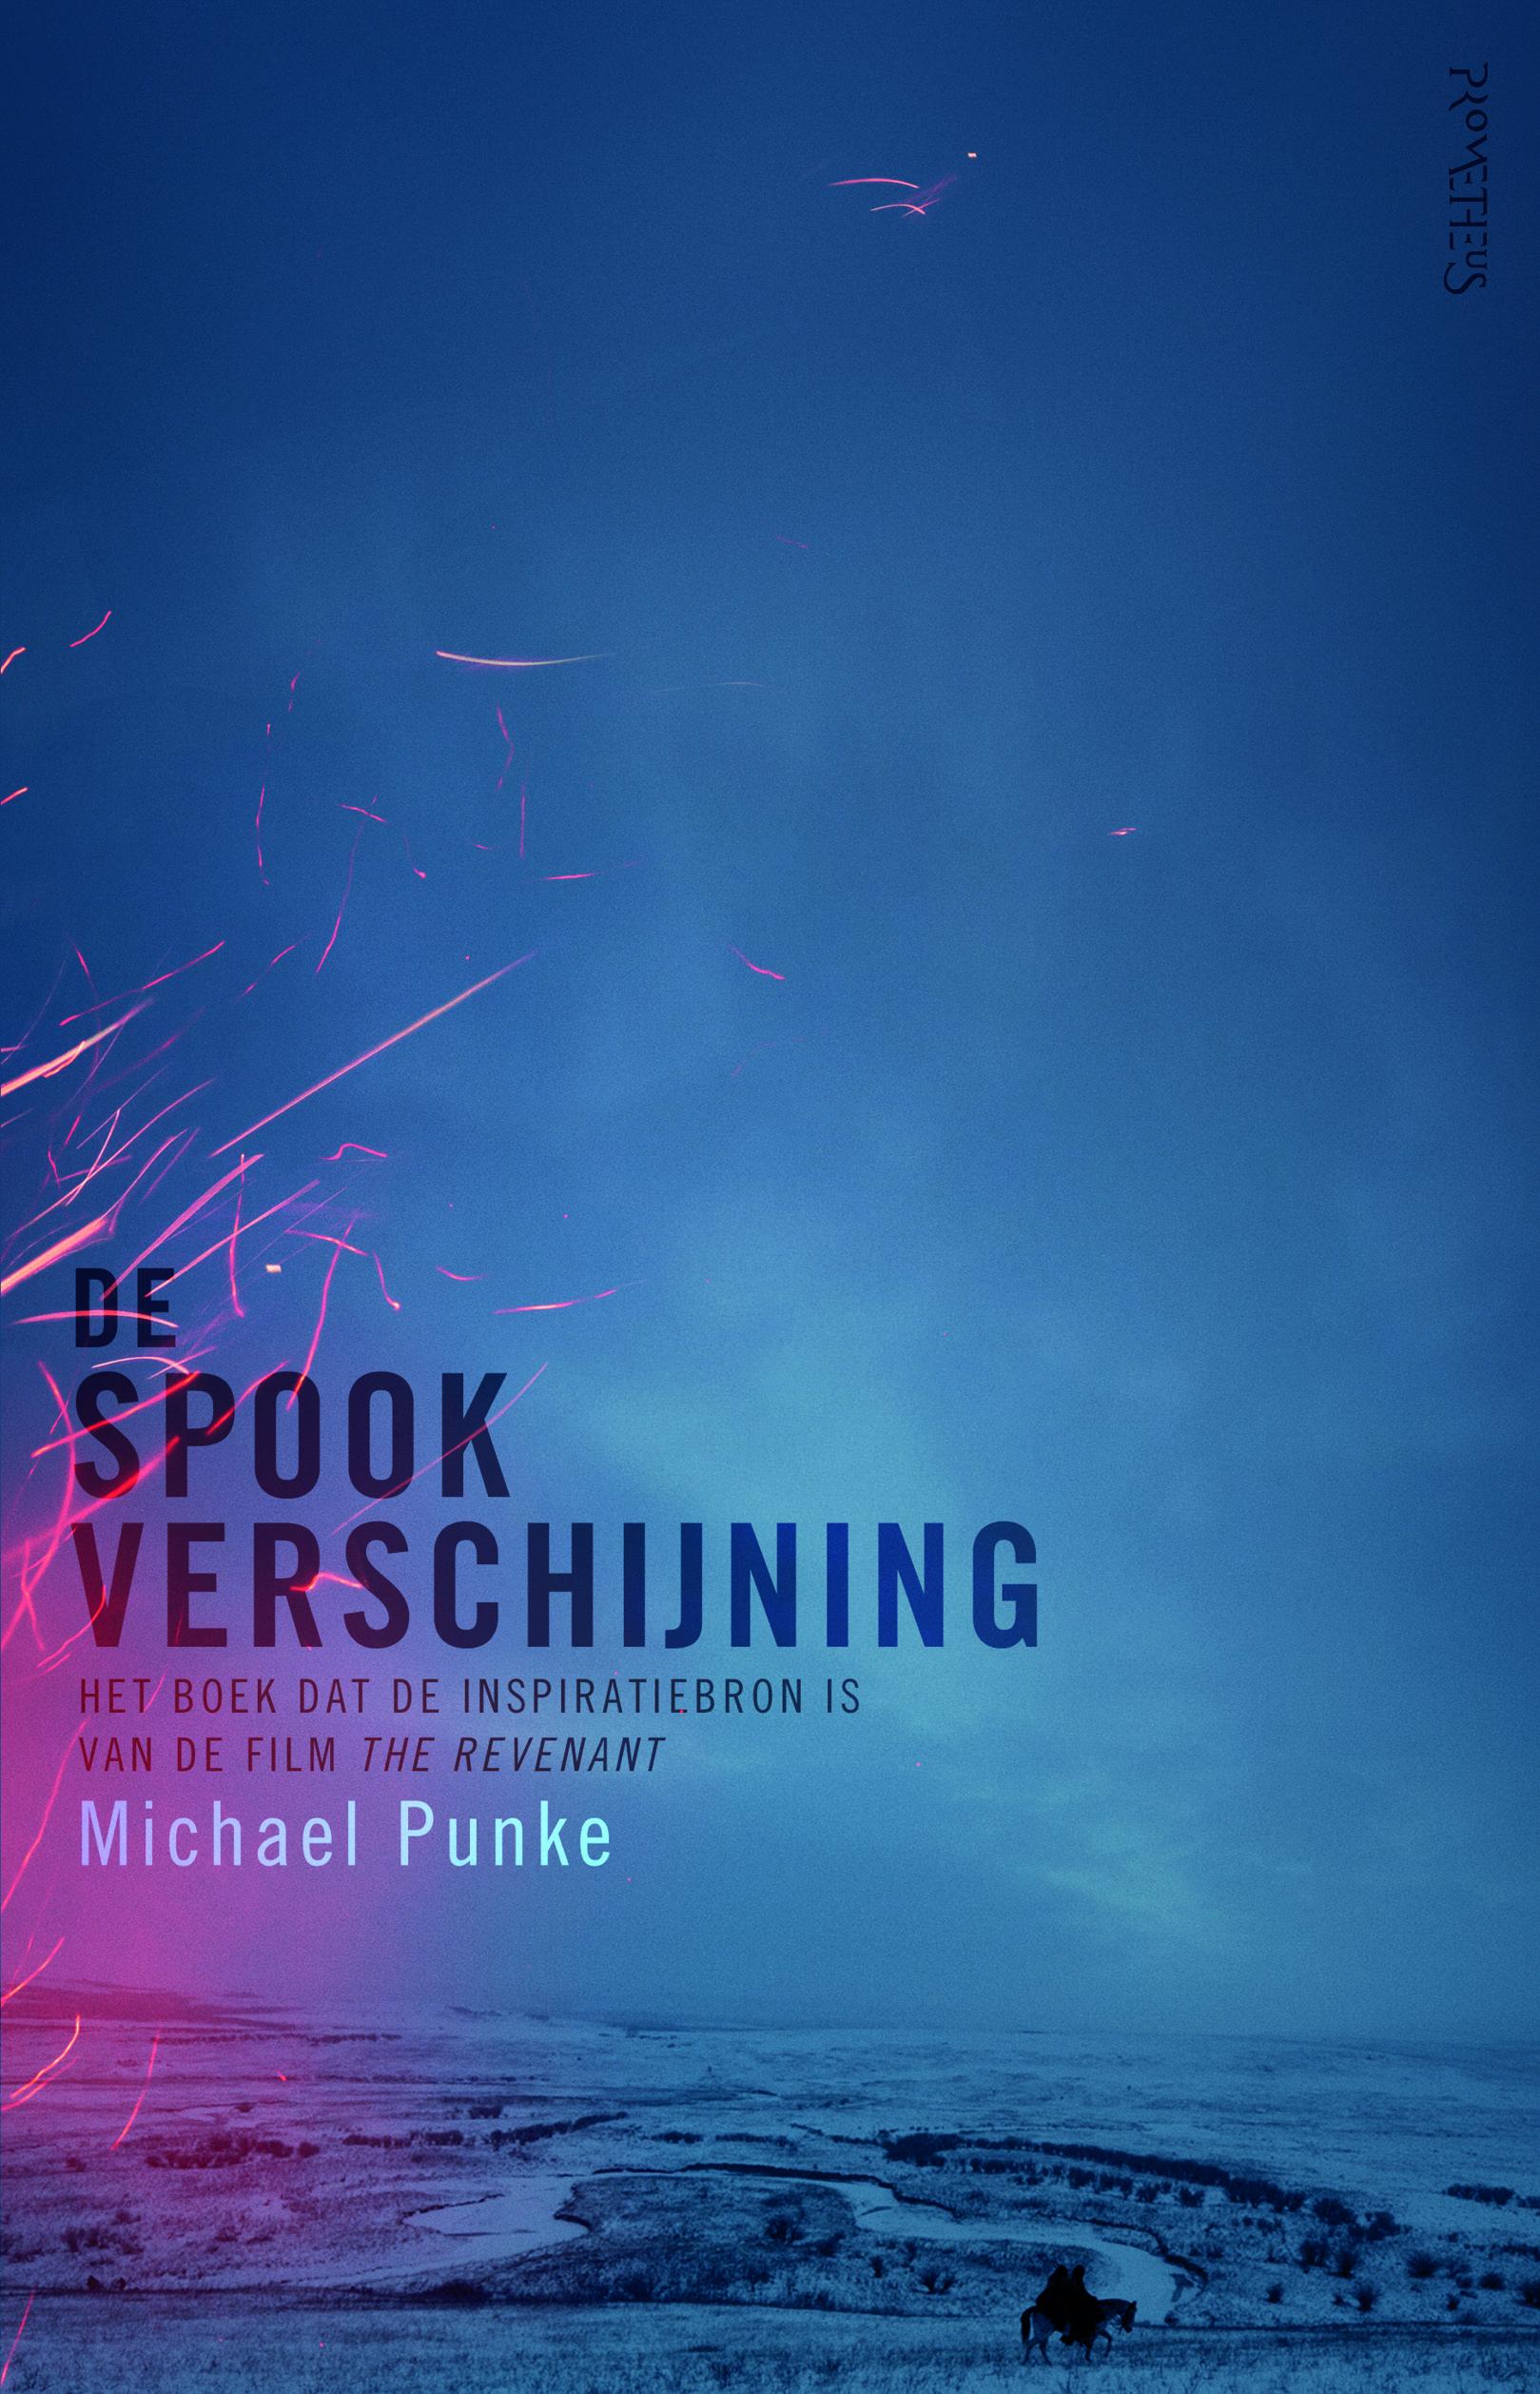 De spookverschijning - boekrecensie